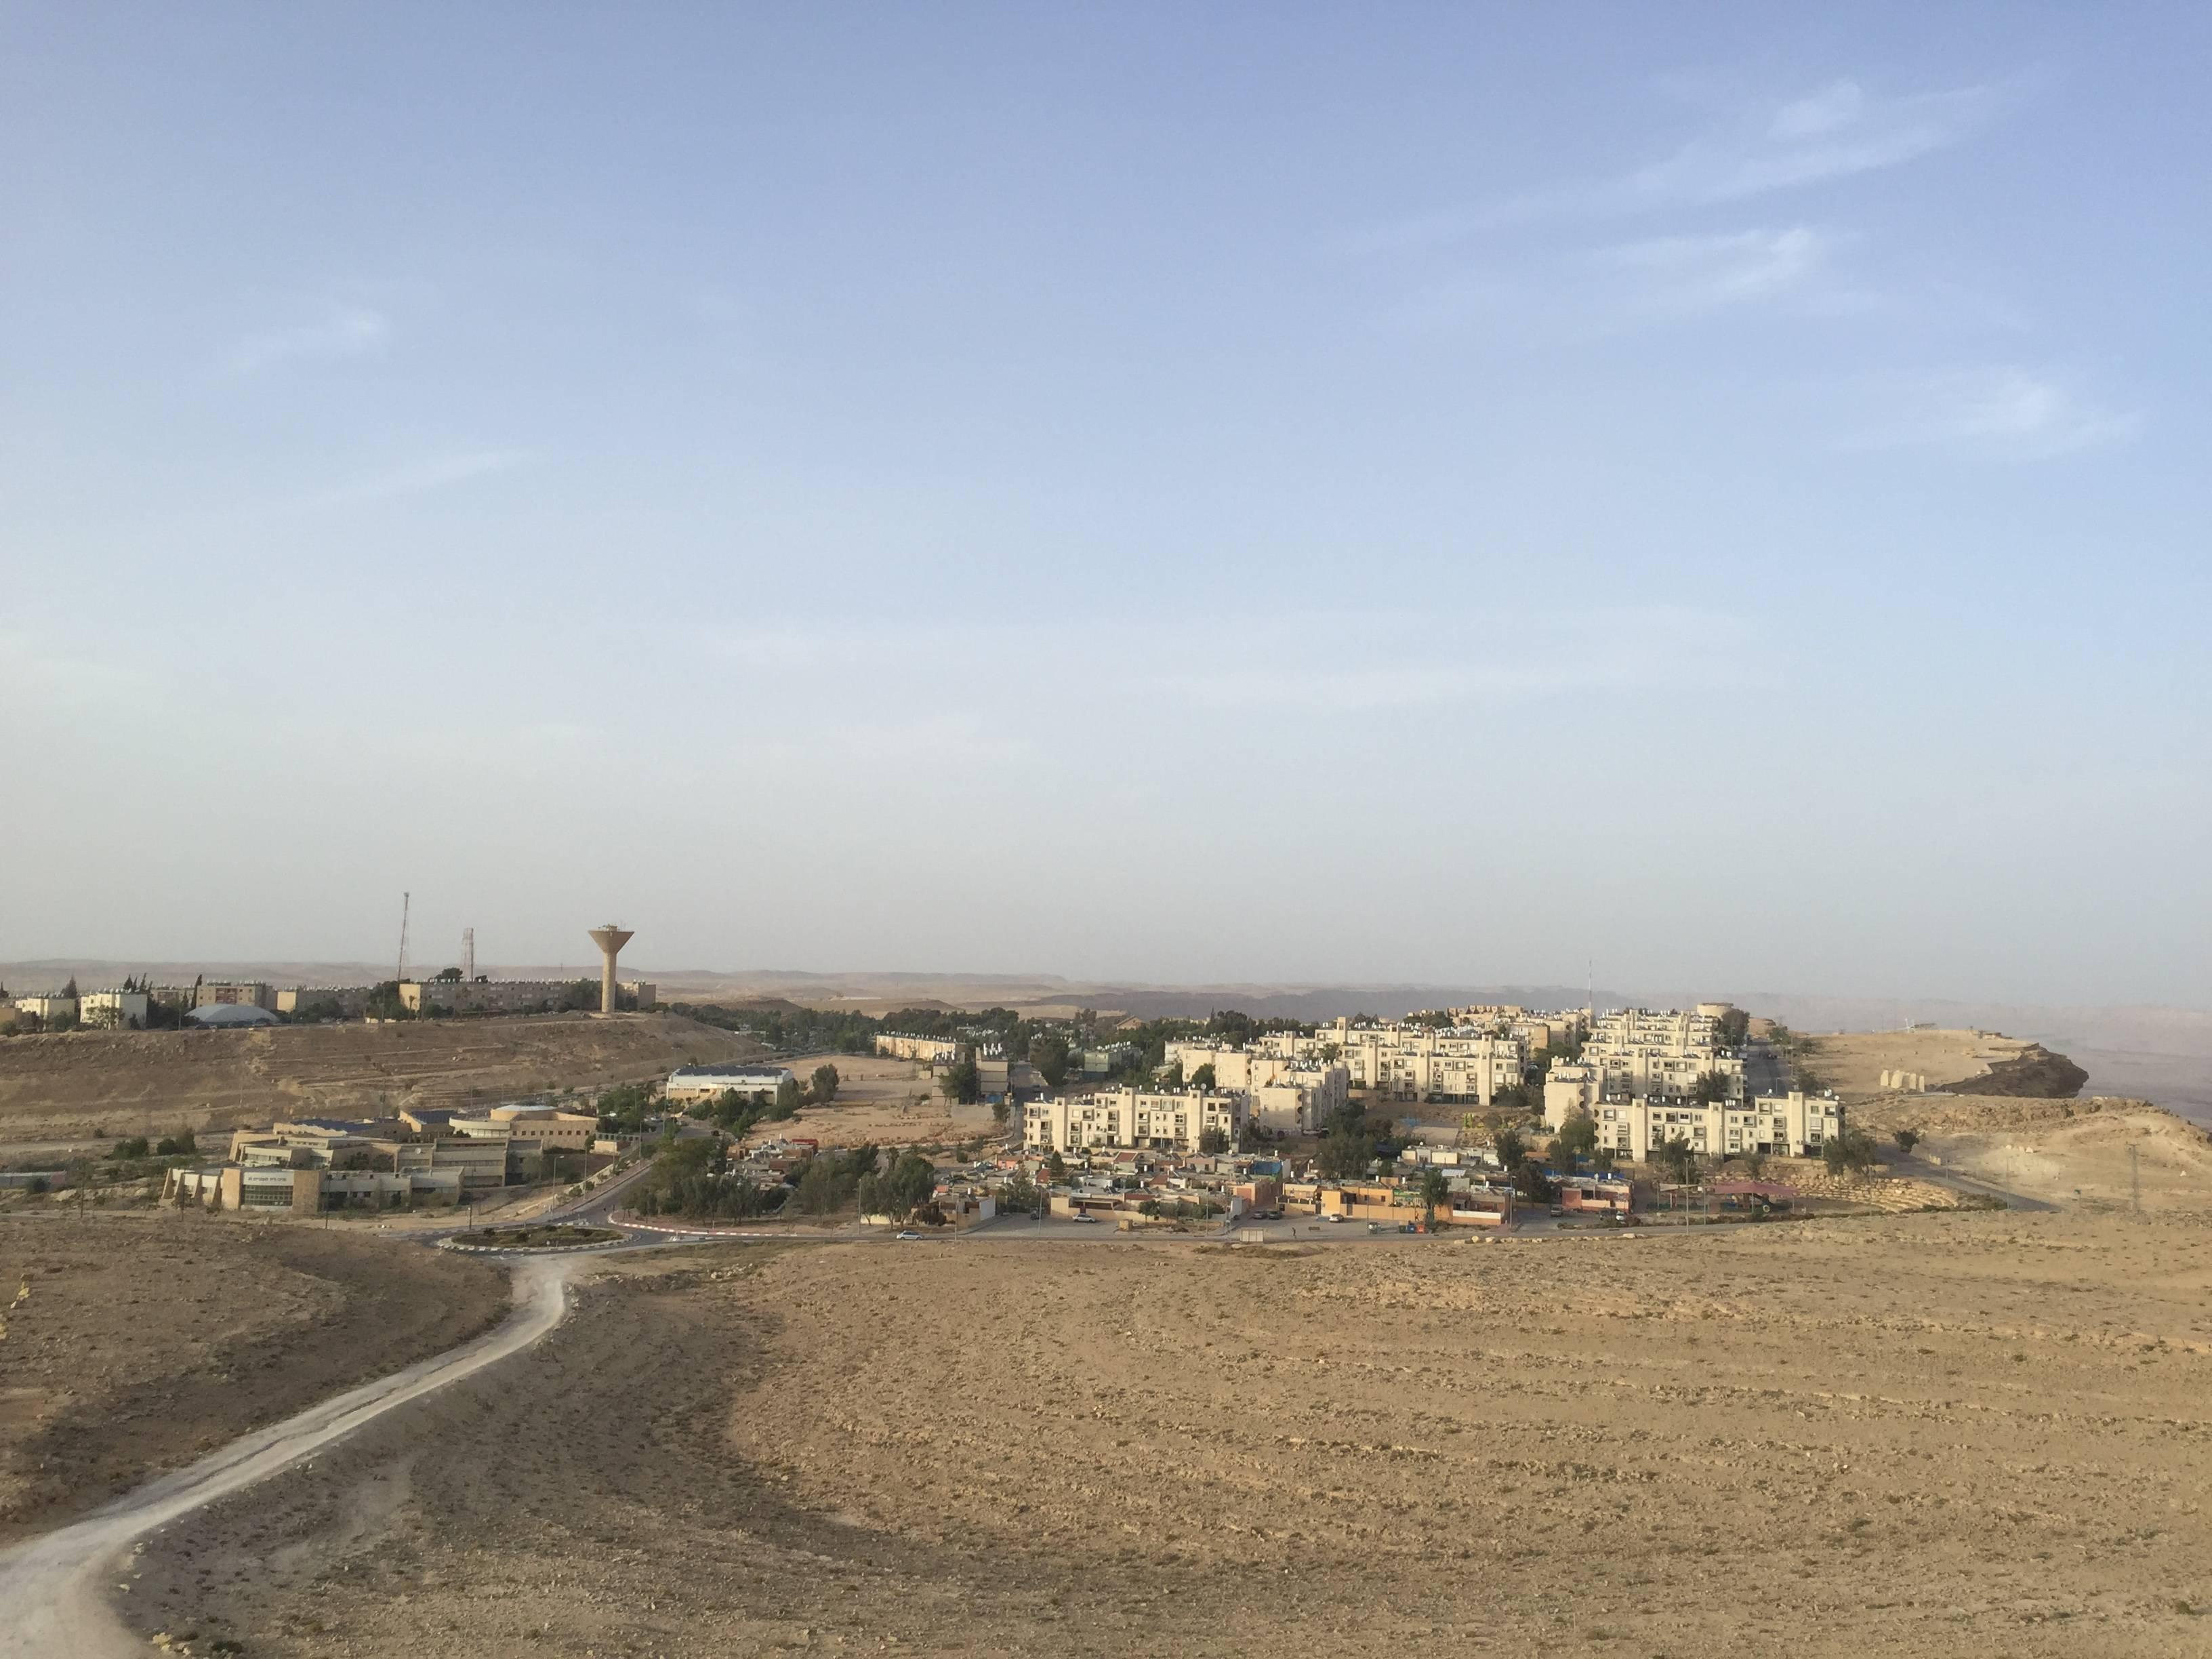 Photo 1: Au cœur du désert du Neguev, en Israel